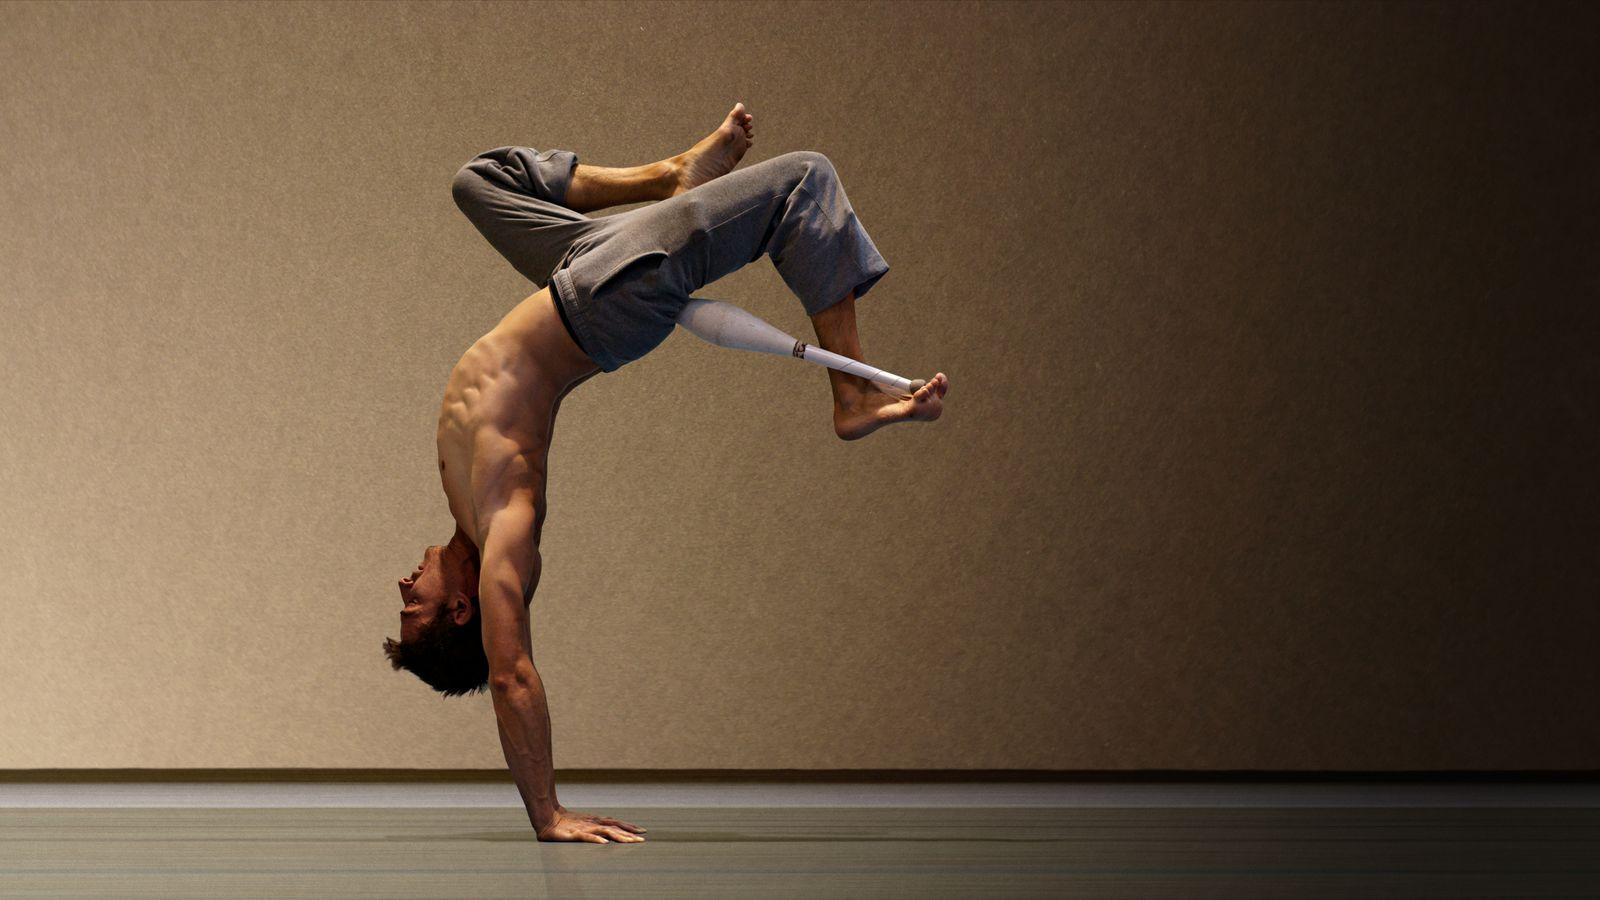 Joann, en entrainement de cirque au gymnase d'Overground Circus à Lyon, fait un équilibre en mexicain et a une massue coincée entre la cuisse et le pied.